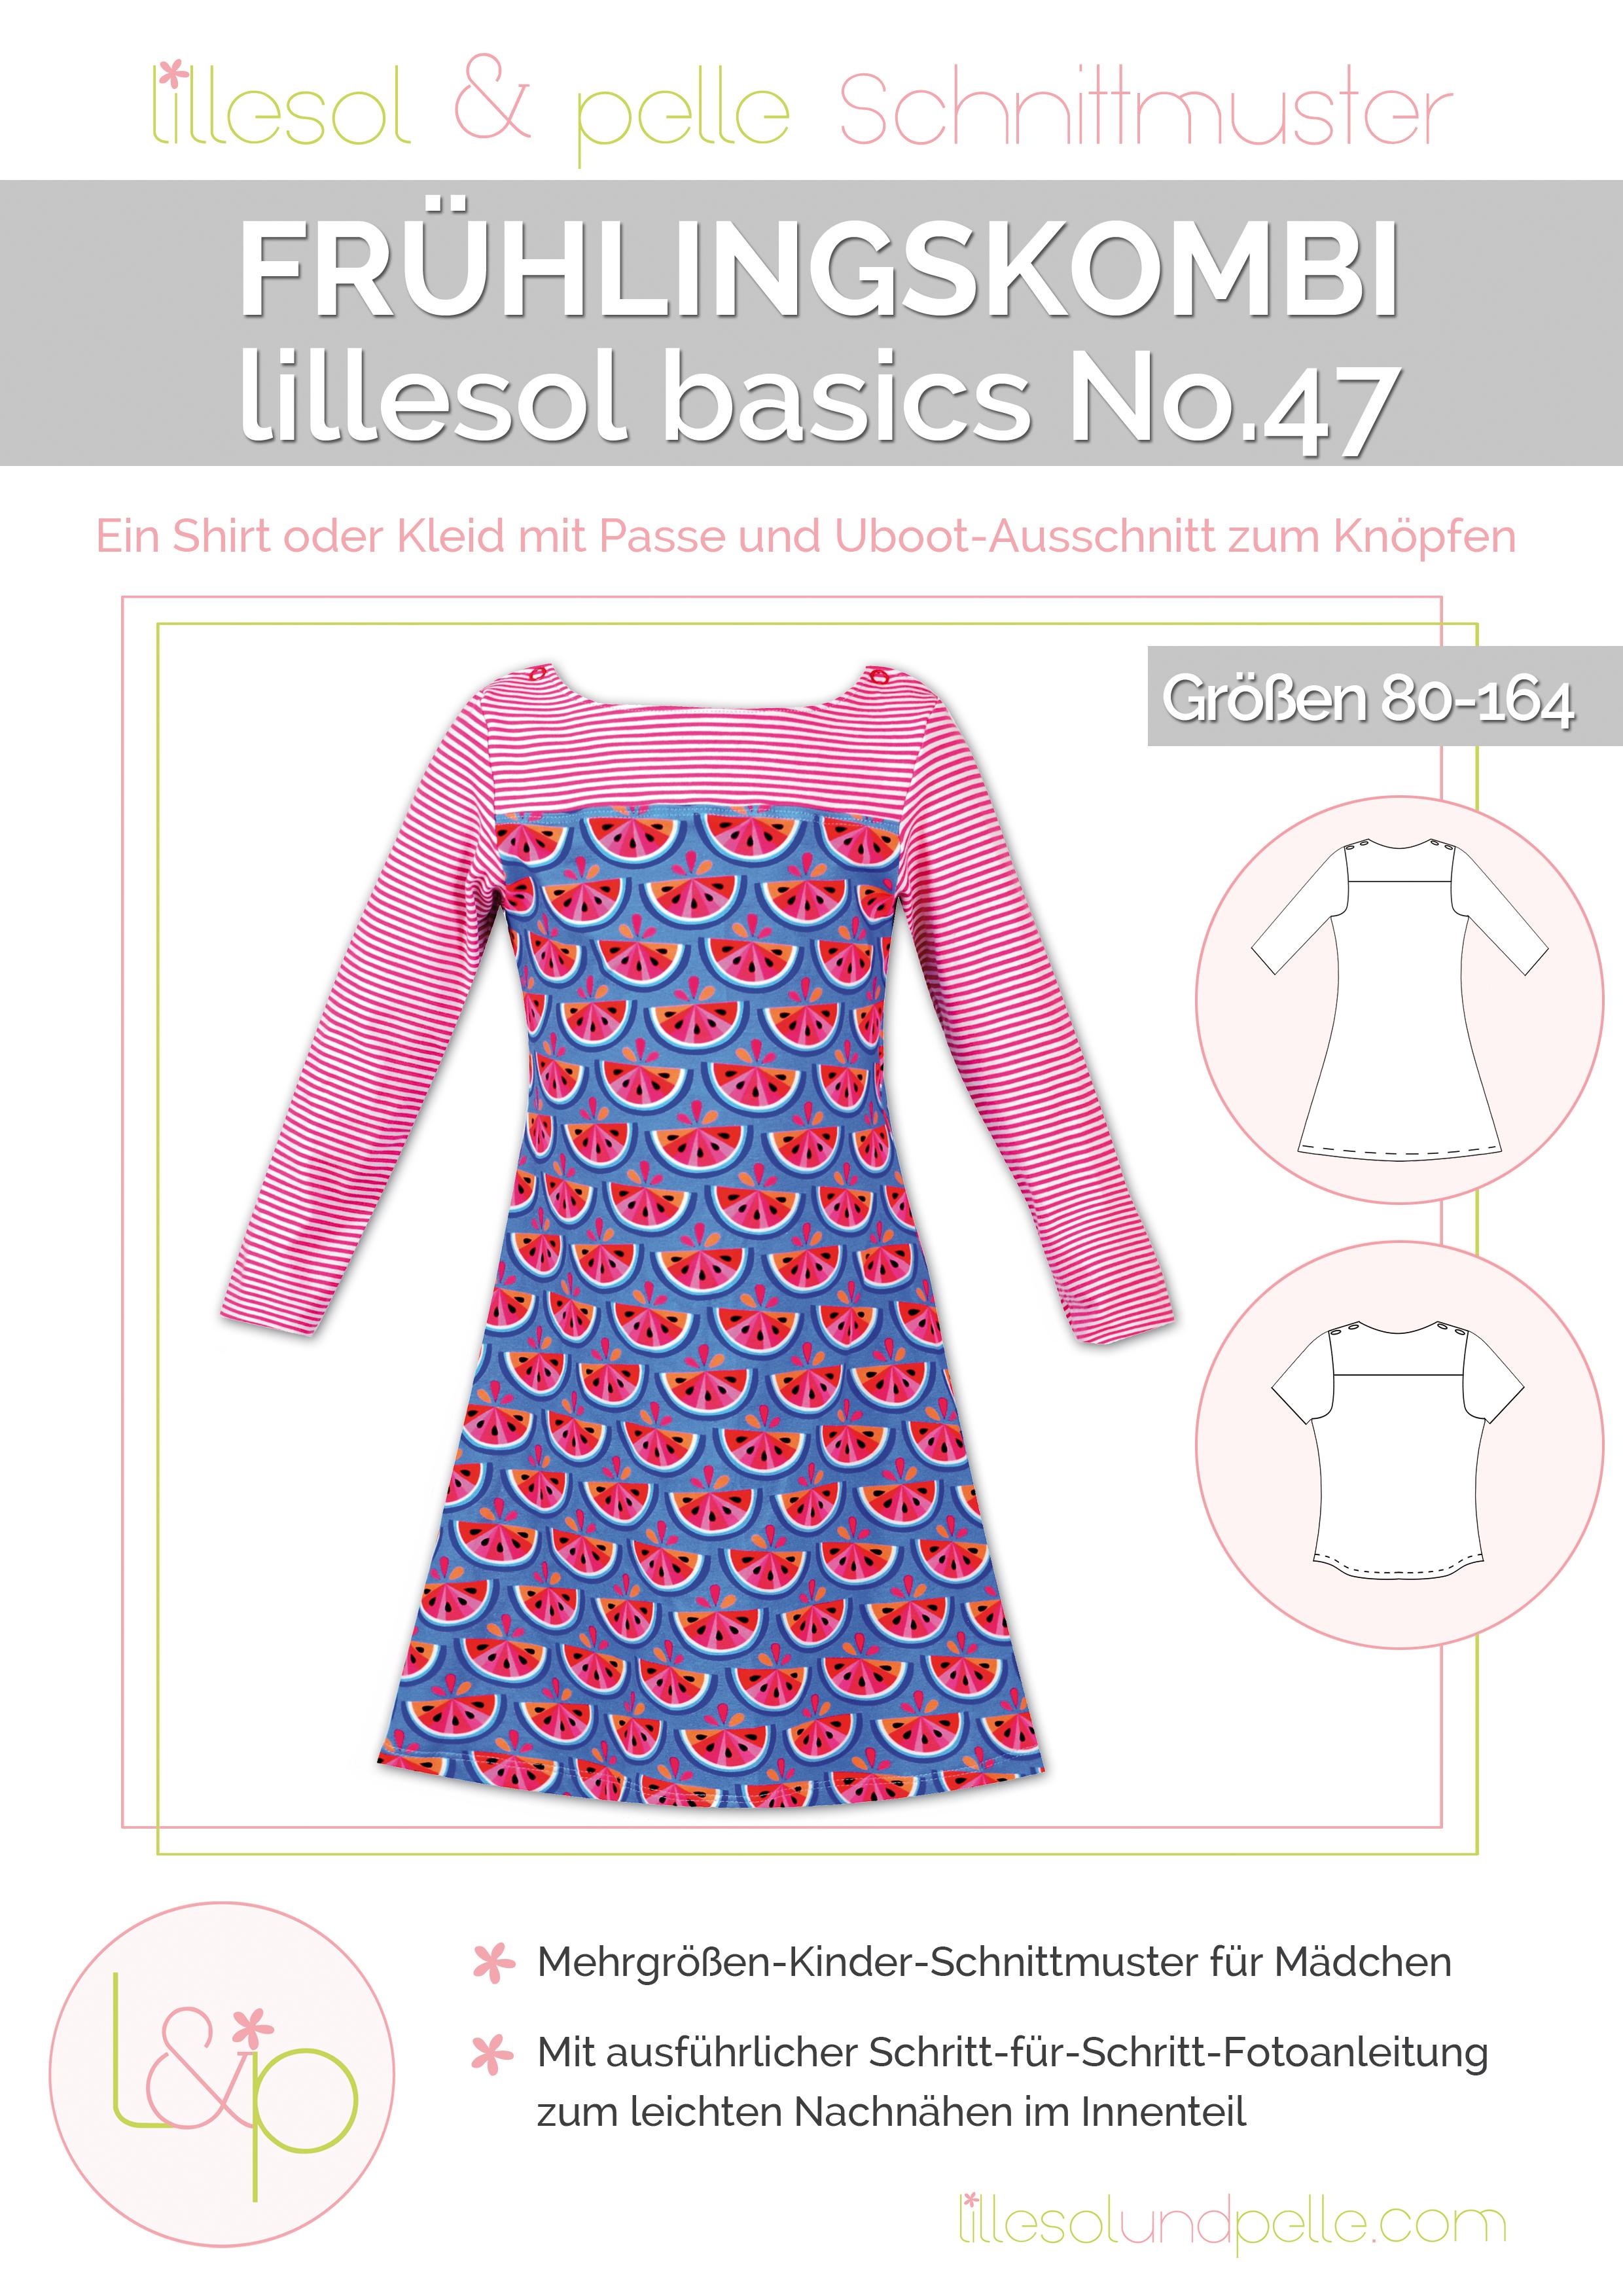 Ebook Schnittmuster nähen Frühlingskombi Kleid und Shirt mit Uboot-Ausschnitt, Passe und Knopfleiste zum Knöpfen